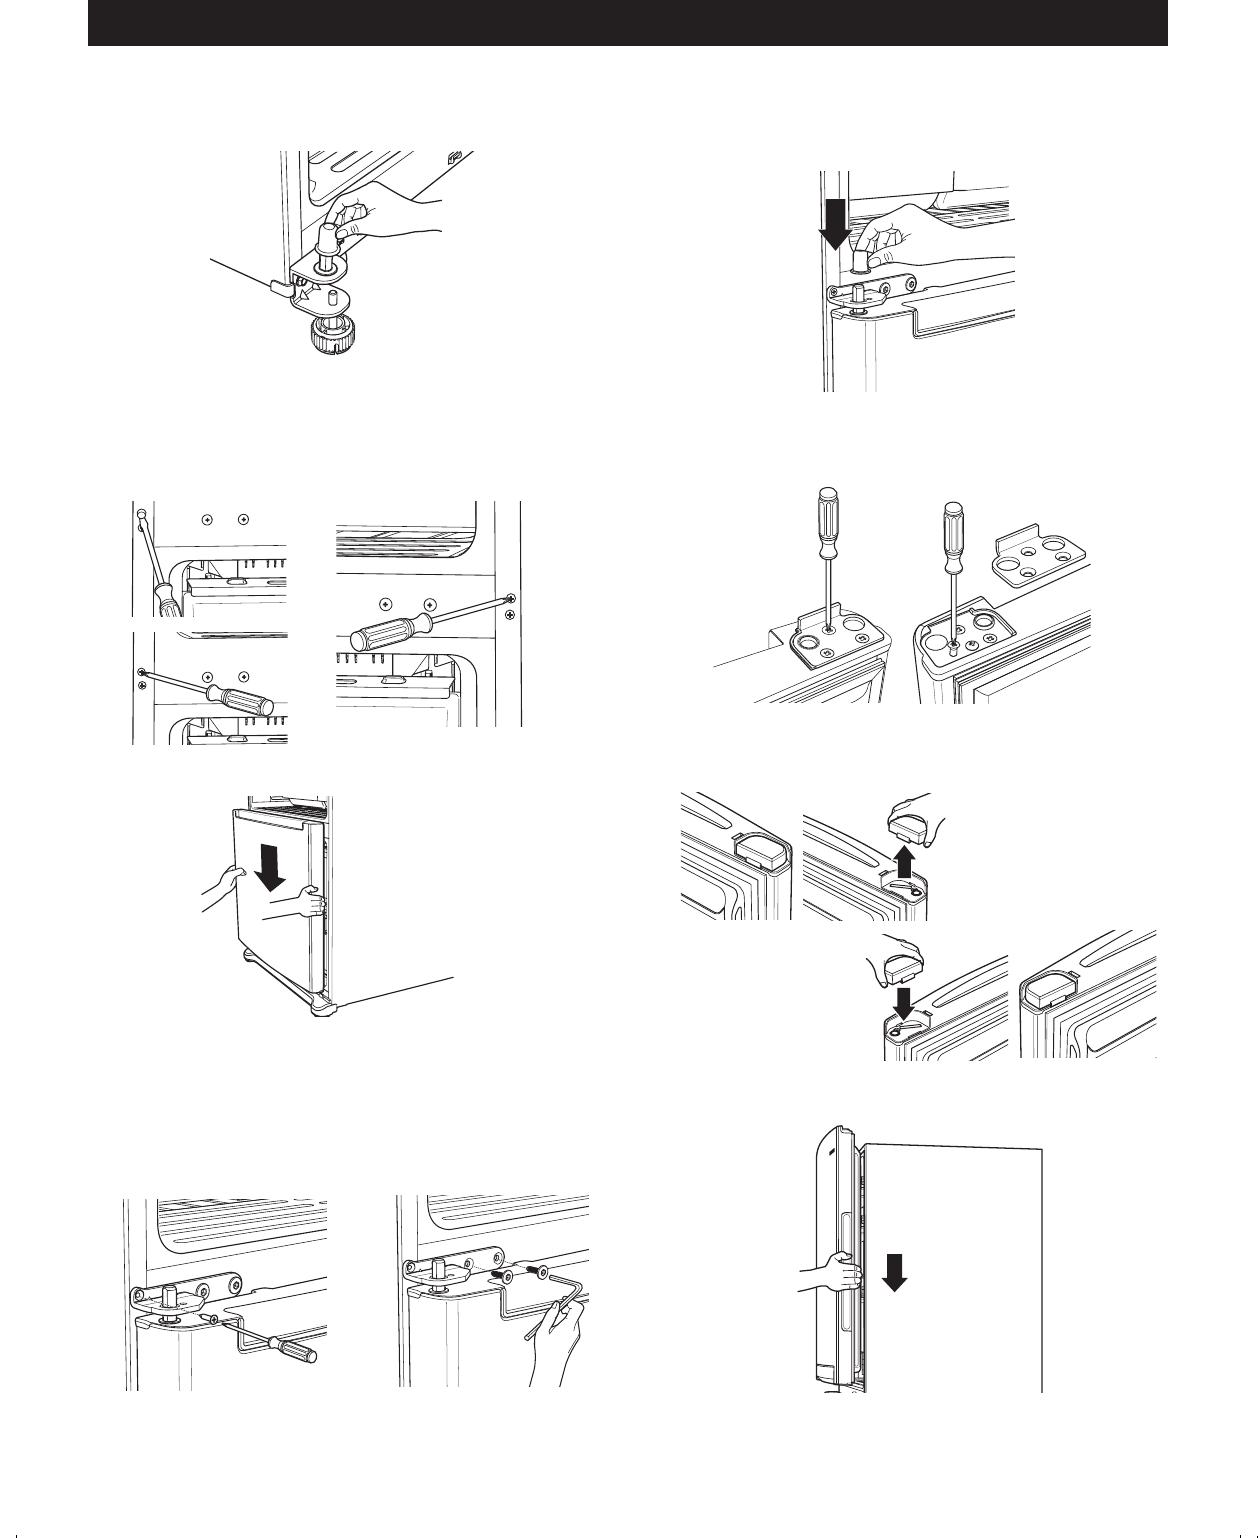 Page 14 of Samsung Refrigerator DA68-01921A User Guide